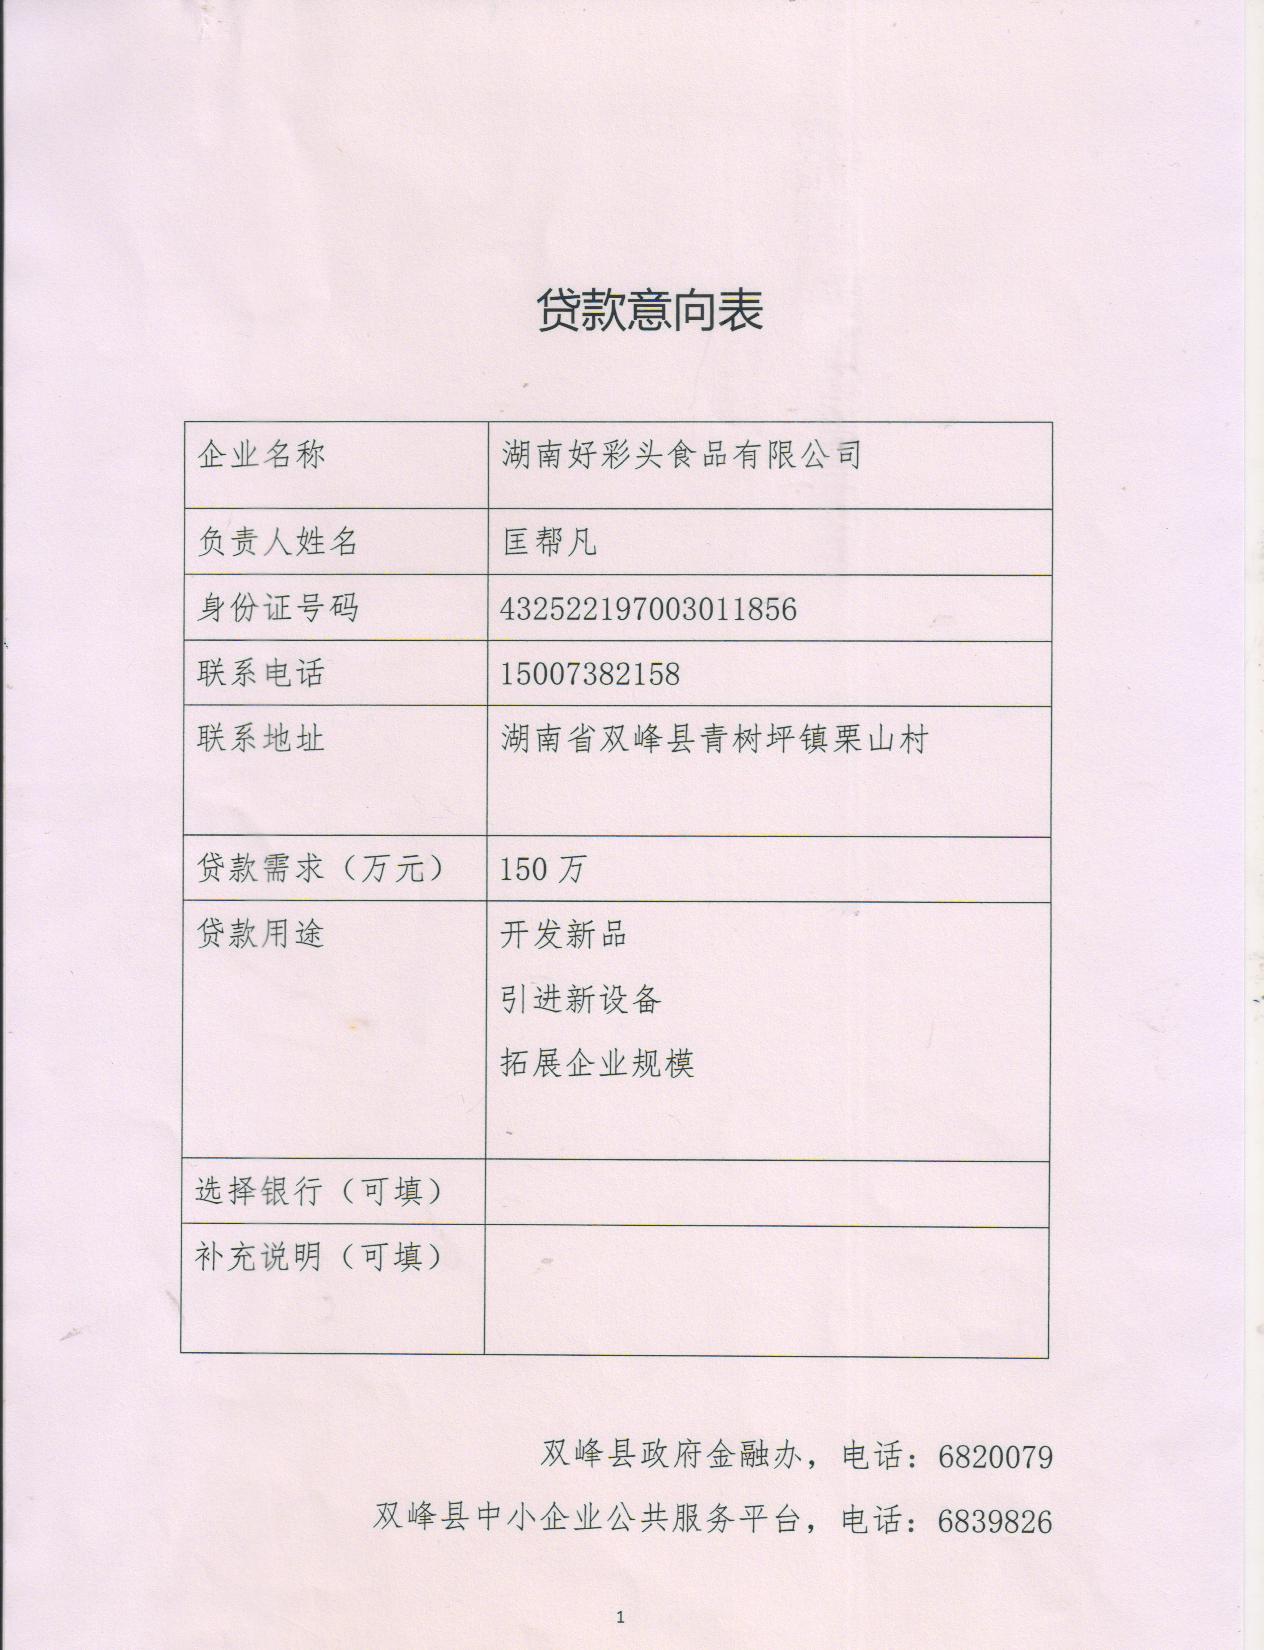 贷款意向表 021